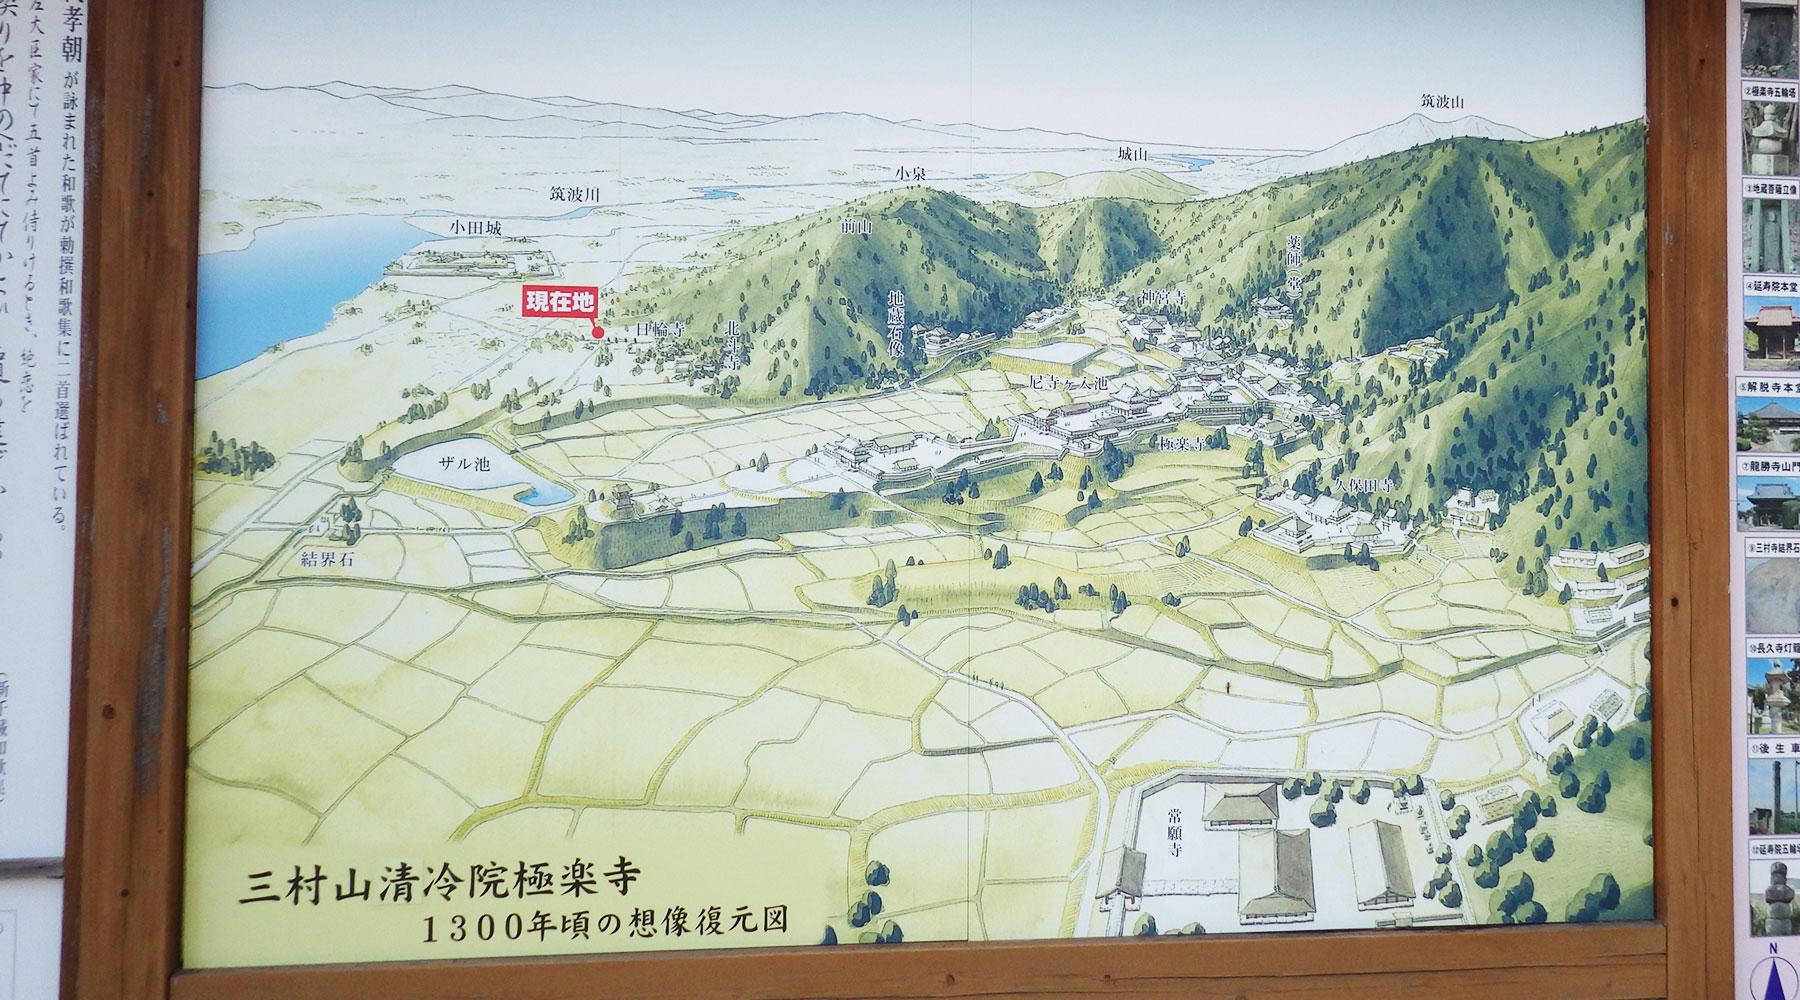 極楽寺周辺の想像復元図